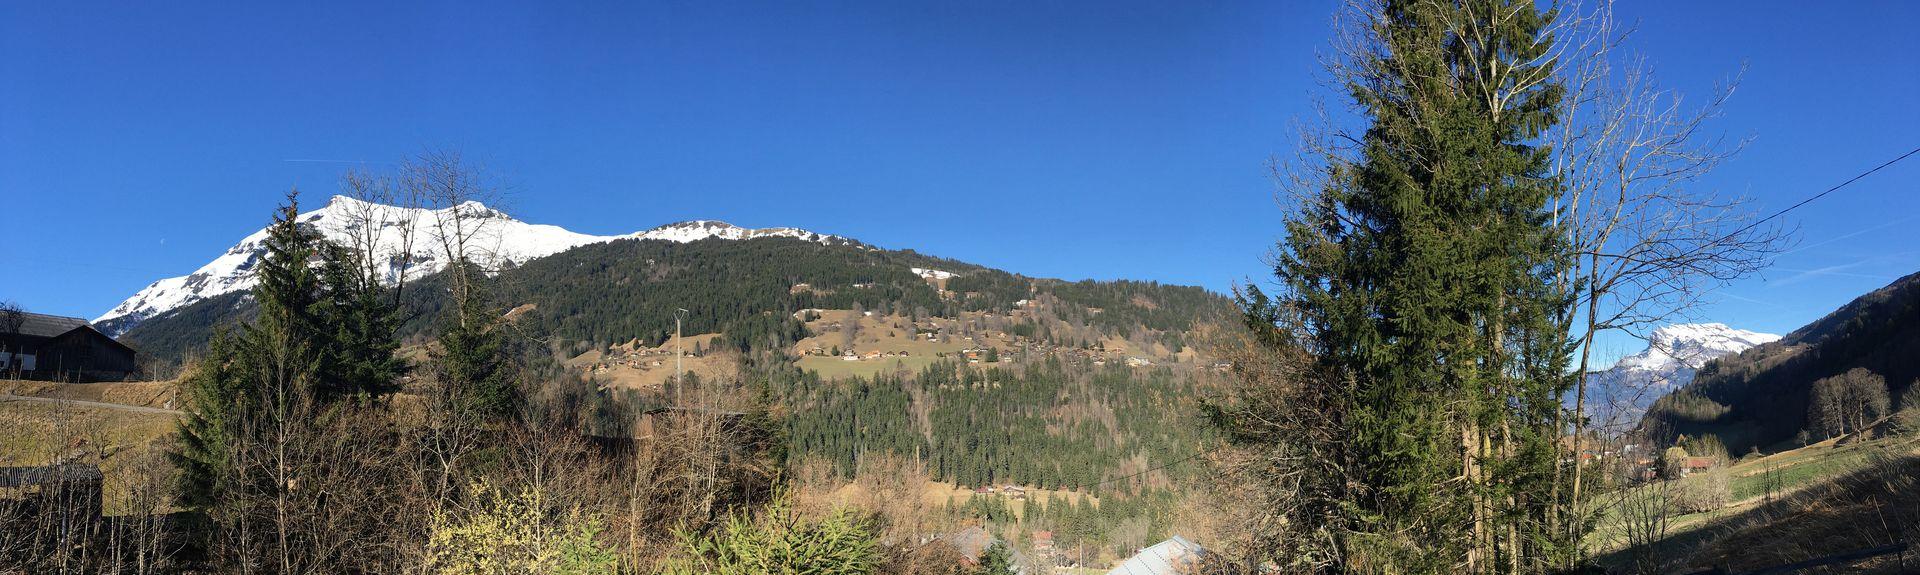 Saint-Nicolas-de-Véroce, Saint-Gervais-les-Bains, Auvergne-Rhône-Alpes, Frankrijk